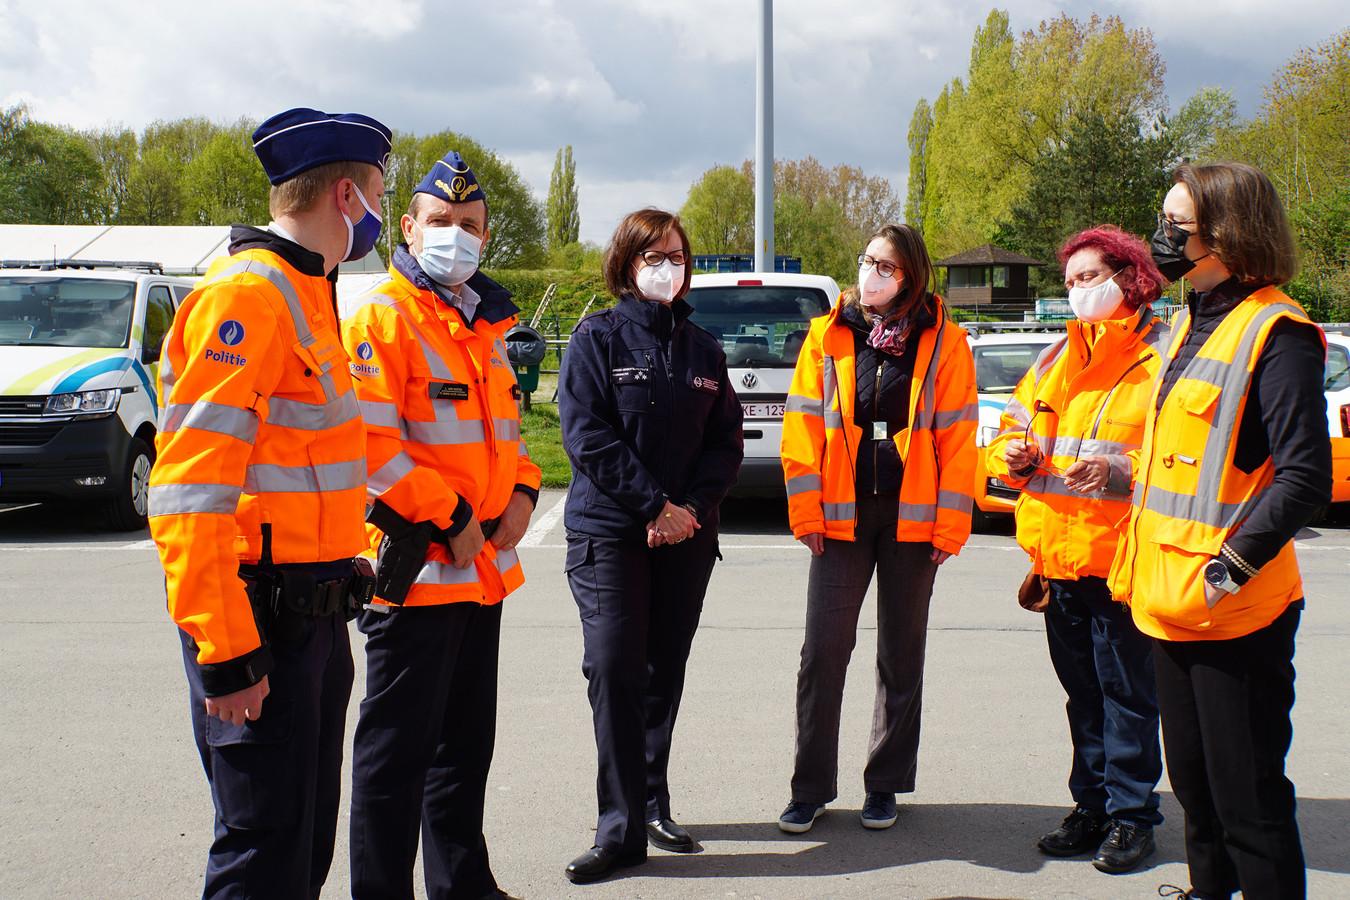 De politie hield met FOD Mobiliteit en Verkeer donderdag een actie op zwaar vervoer.